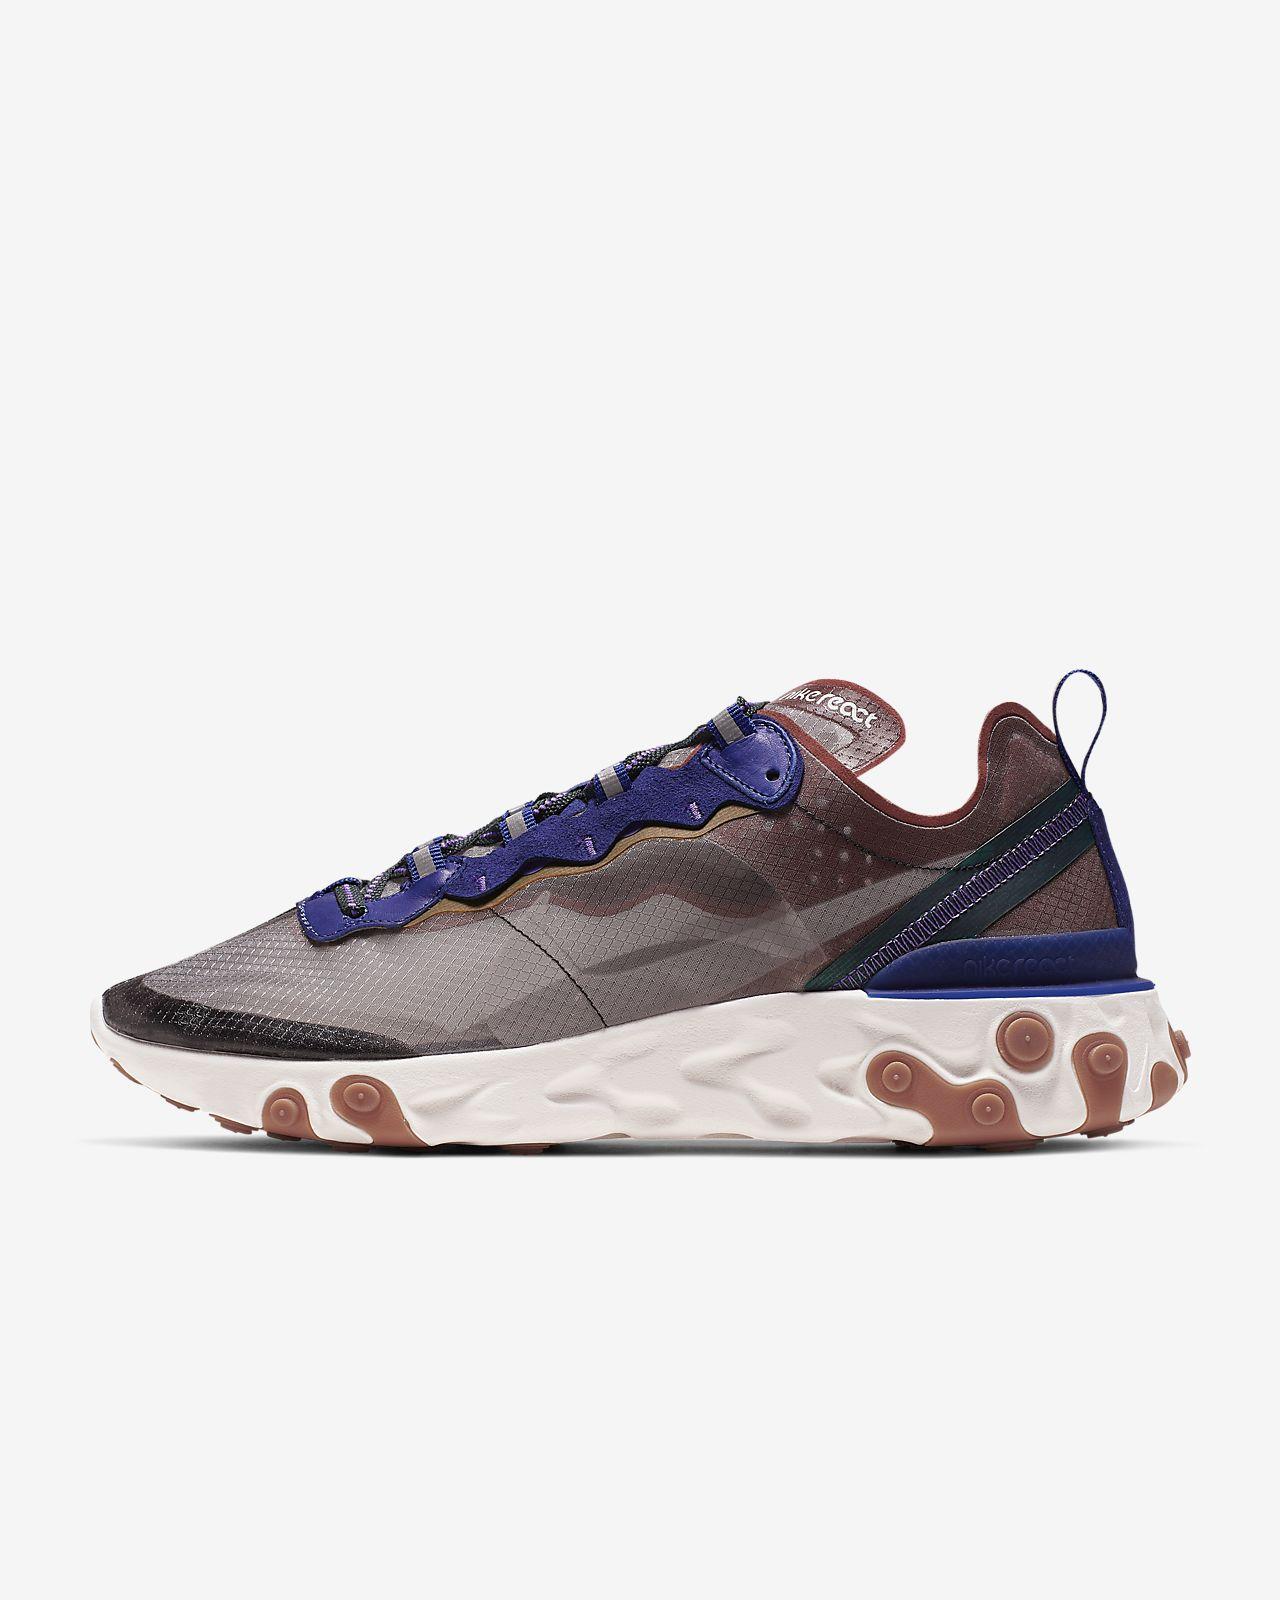 รองเท้าผู้ชาย Nike React Element 87